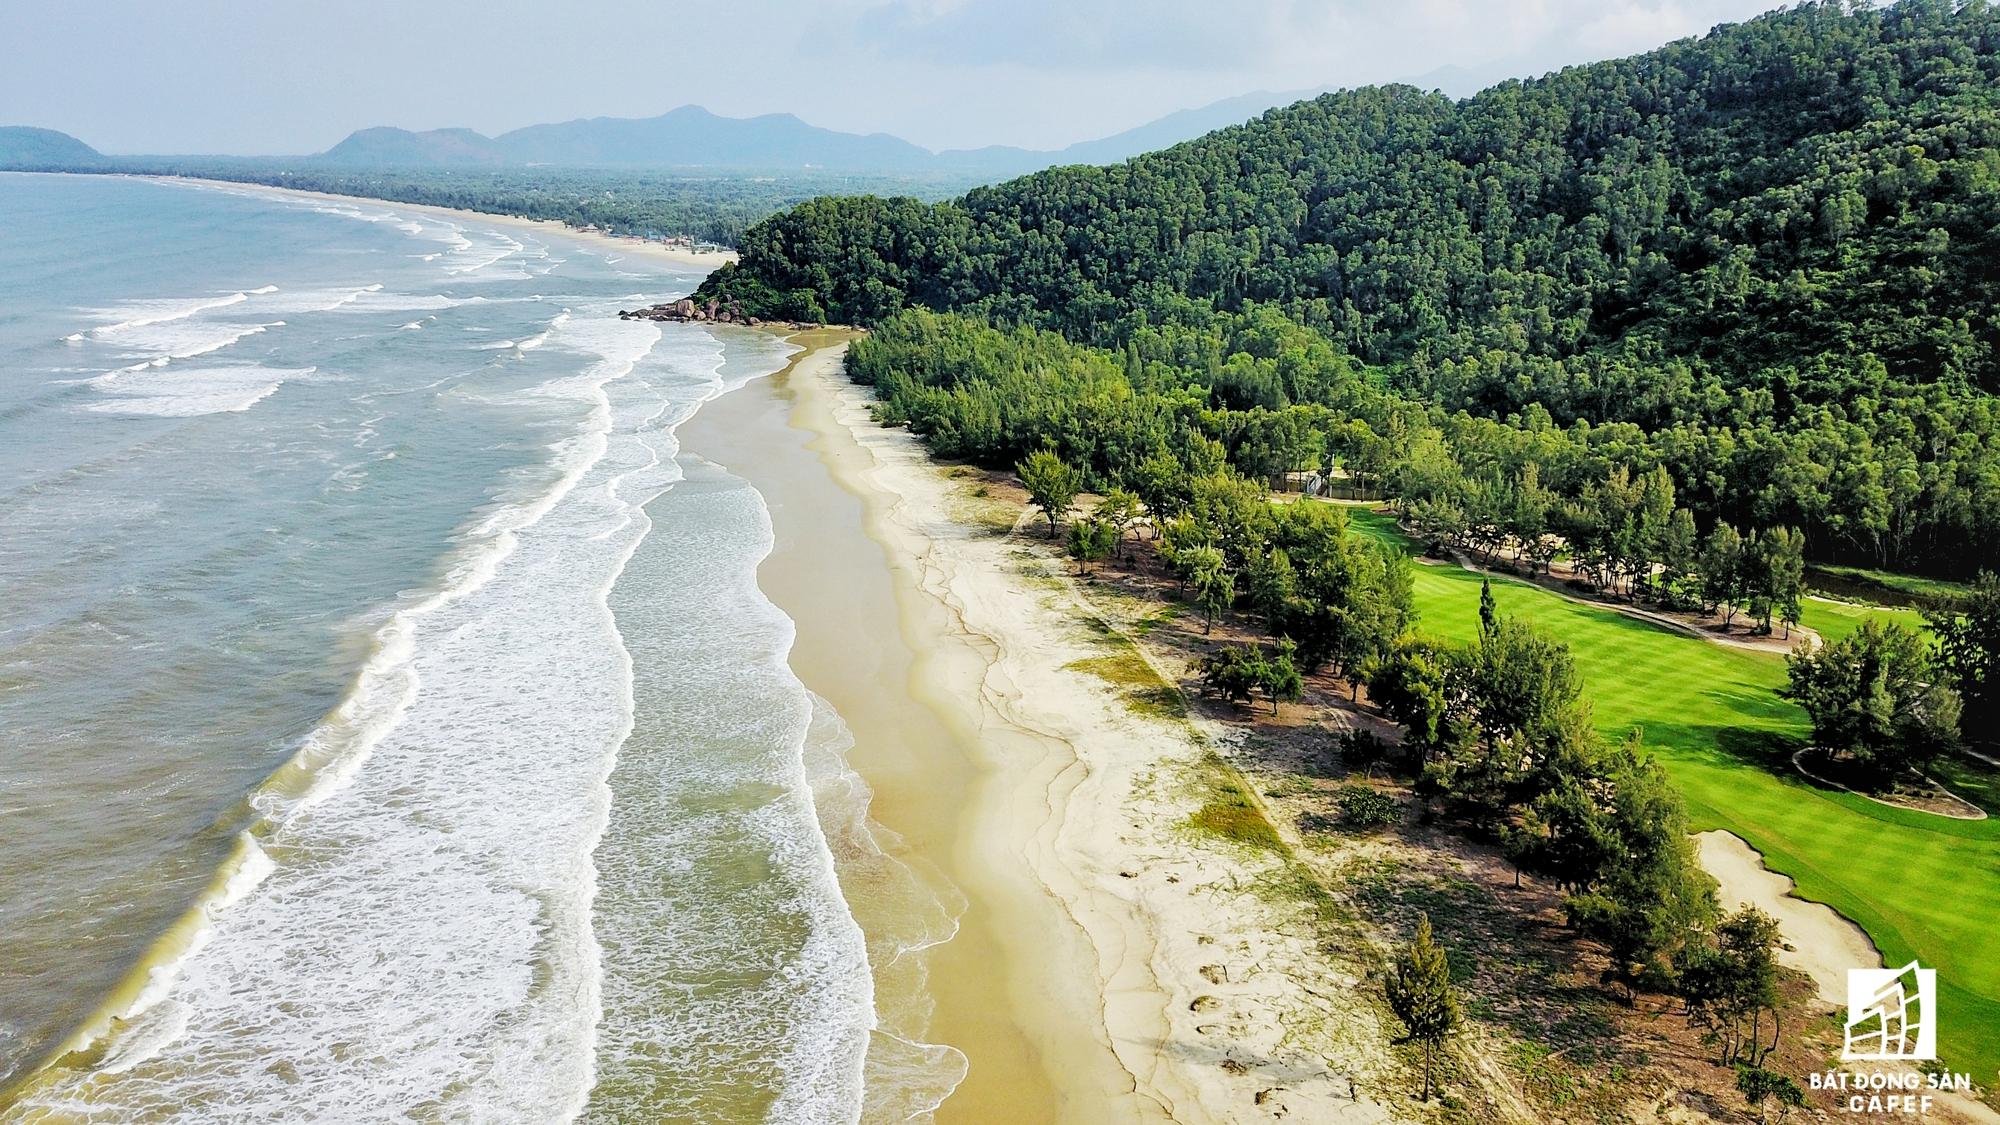 Vùng biển Lăng Cô đang trở thành điểm đến mới của nhiều đại gia địa ốc trong và ngoài nước.